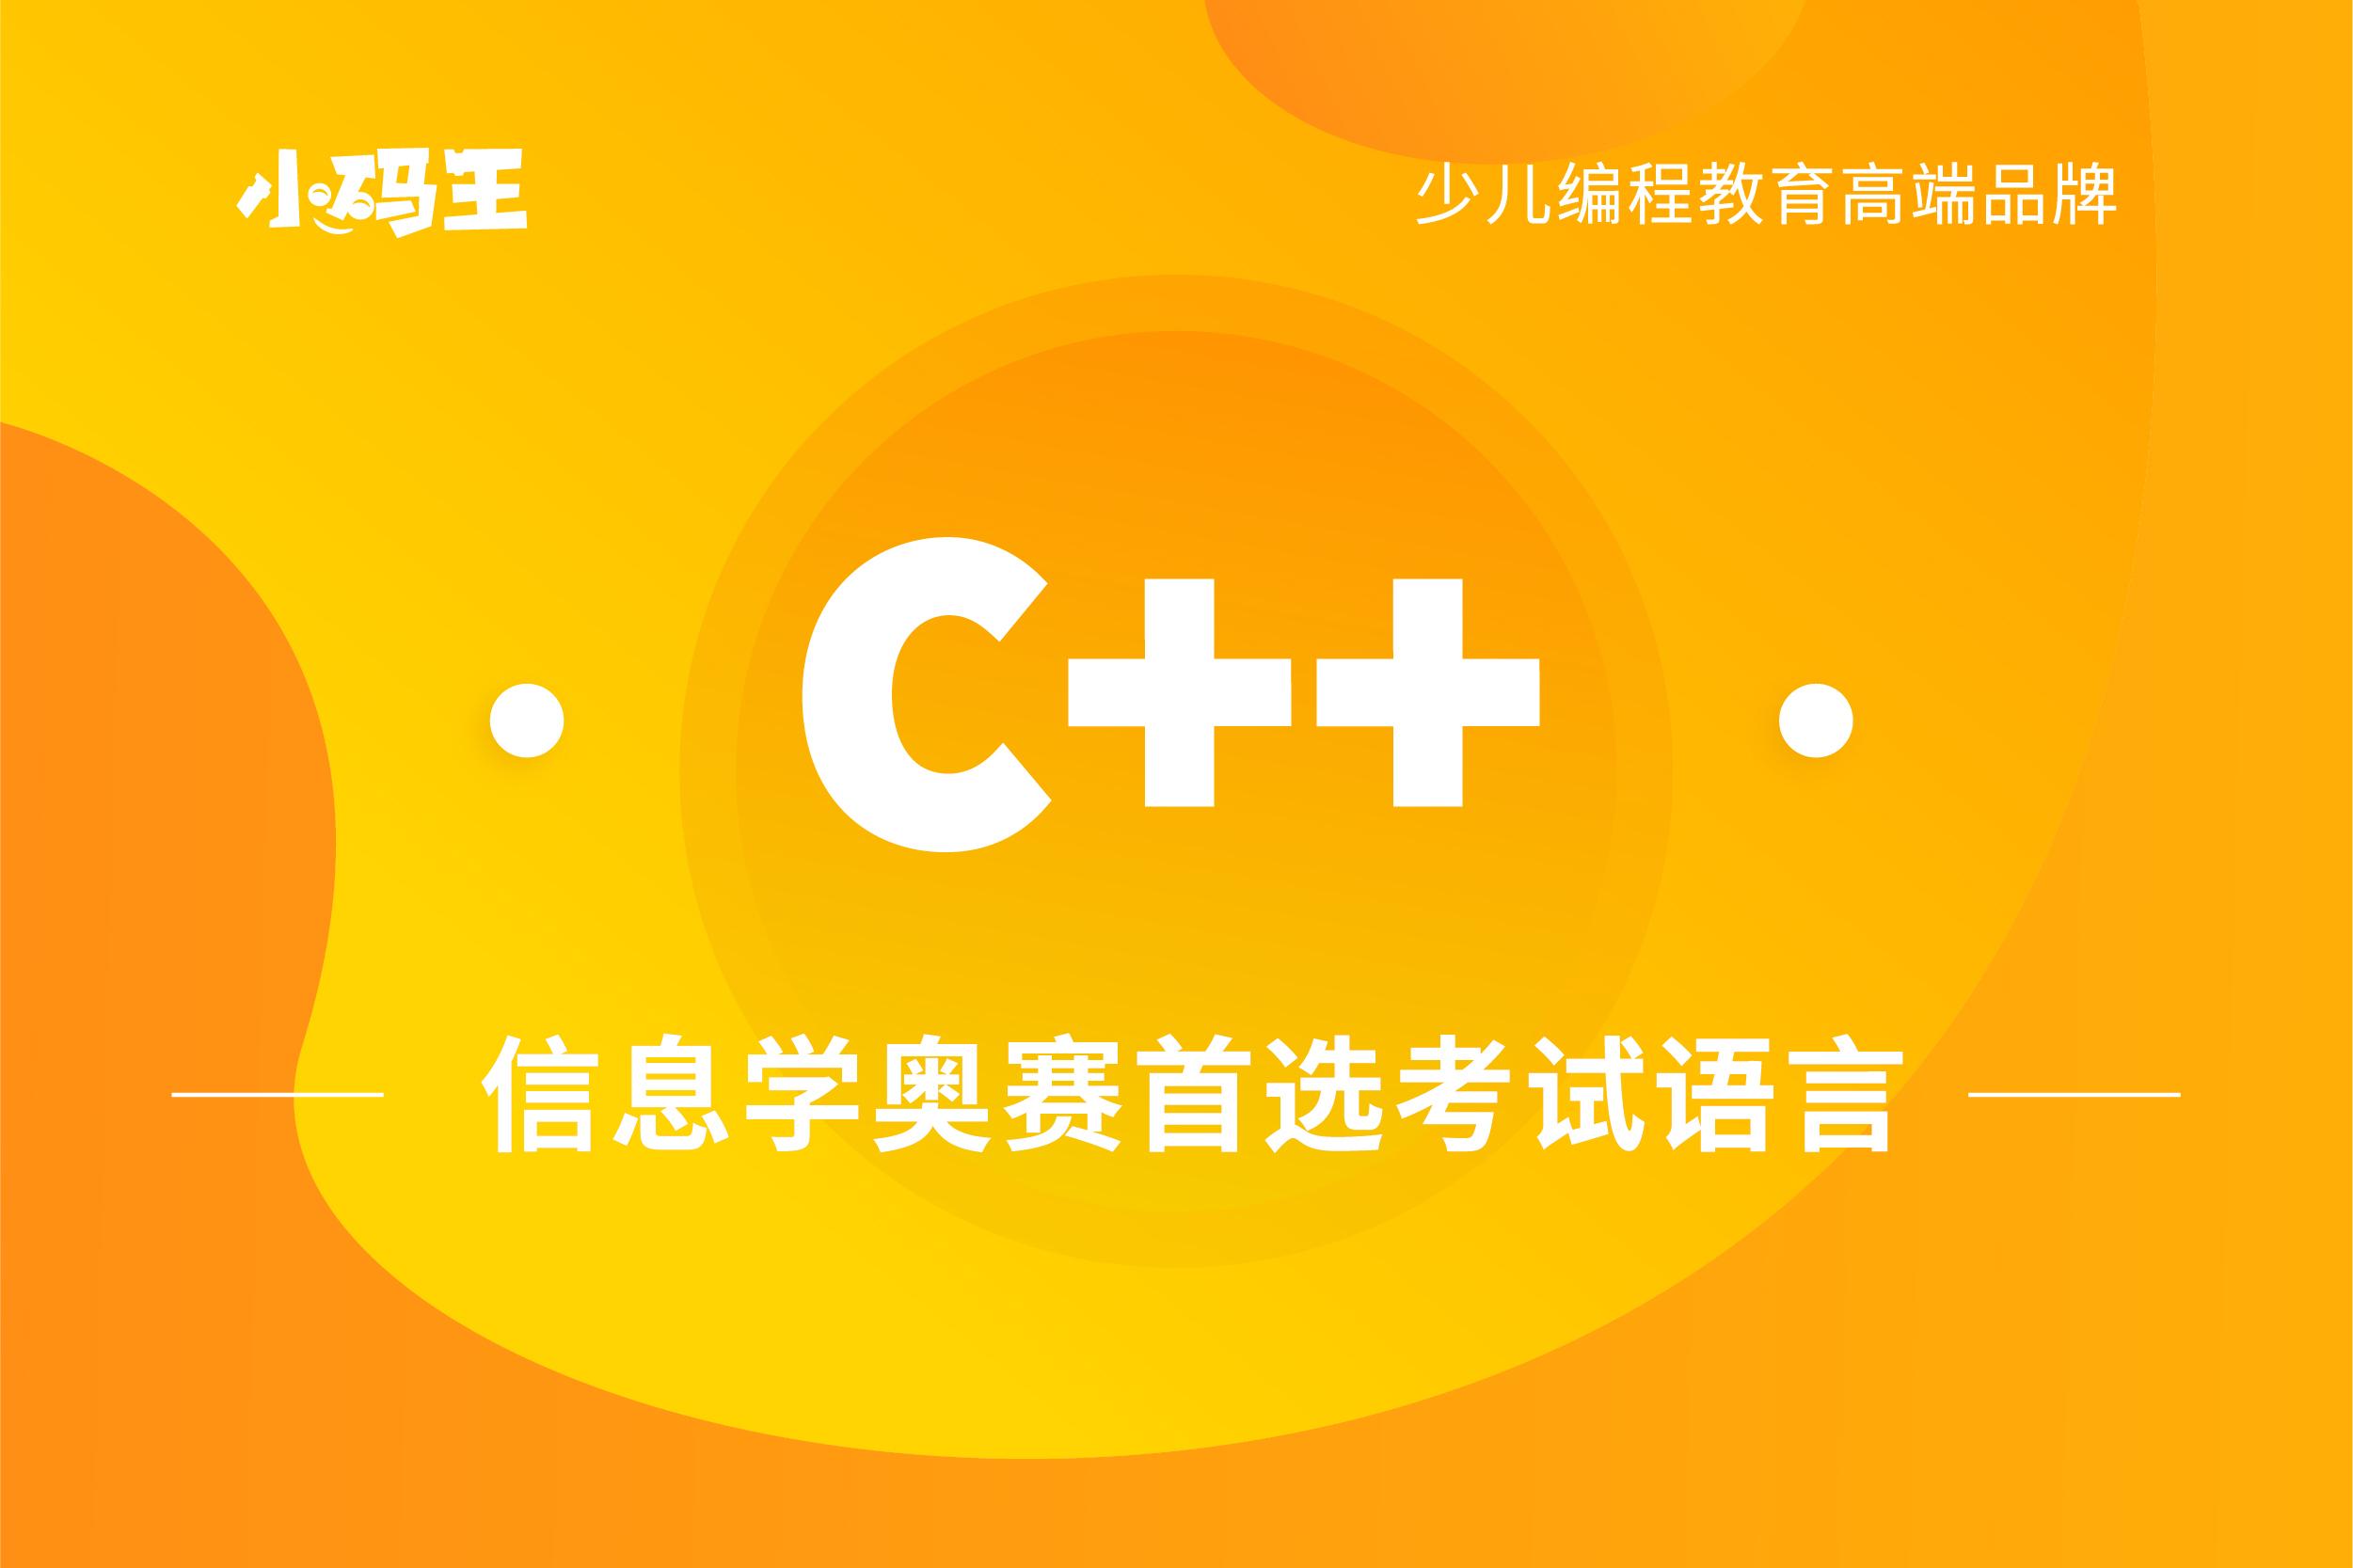 北京哪里学习编程培训